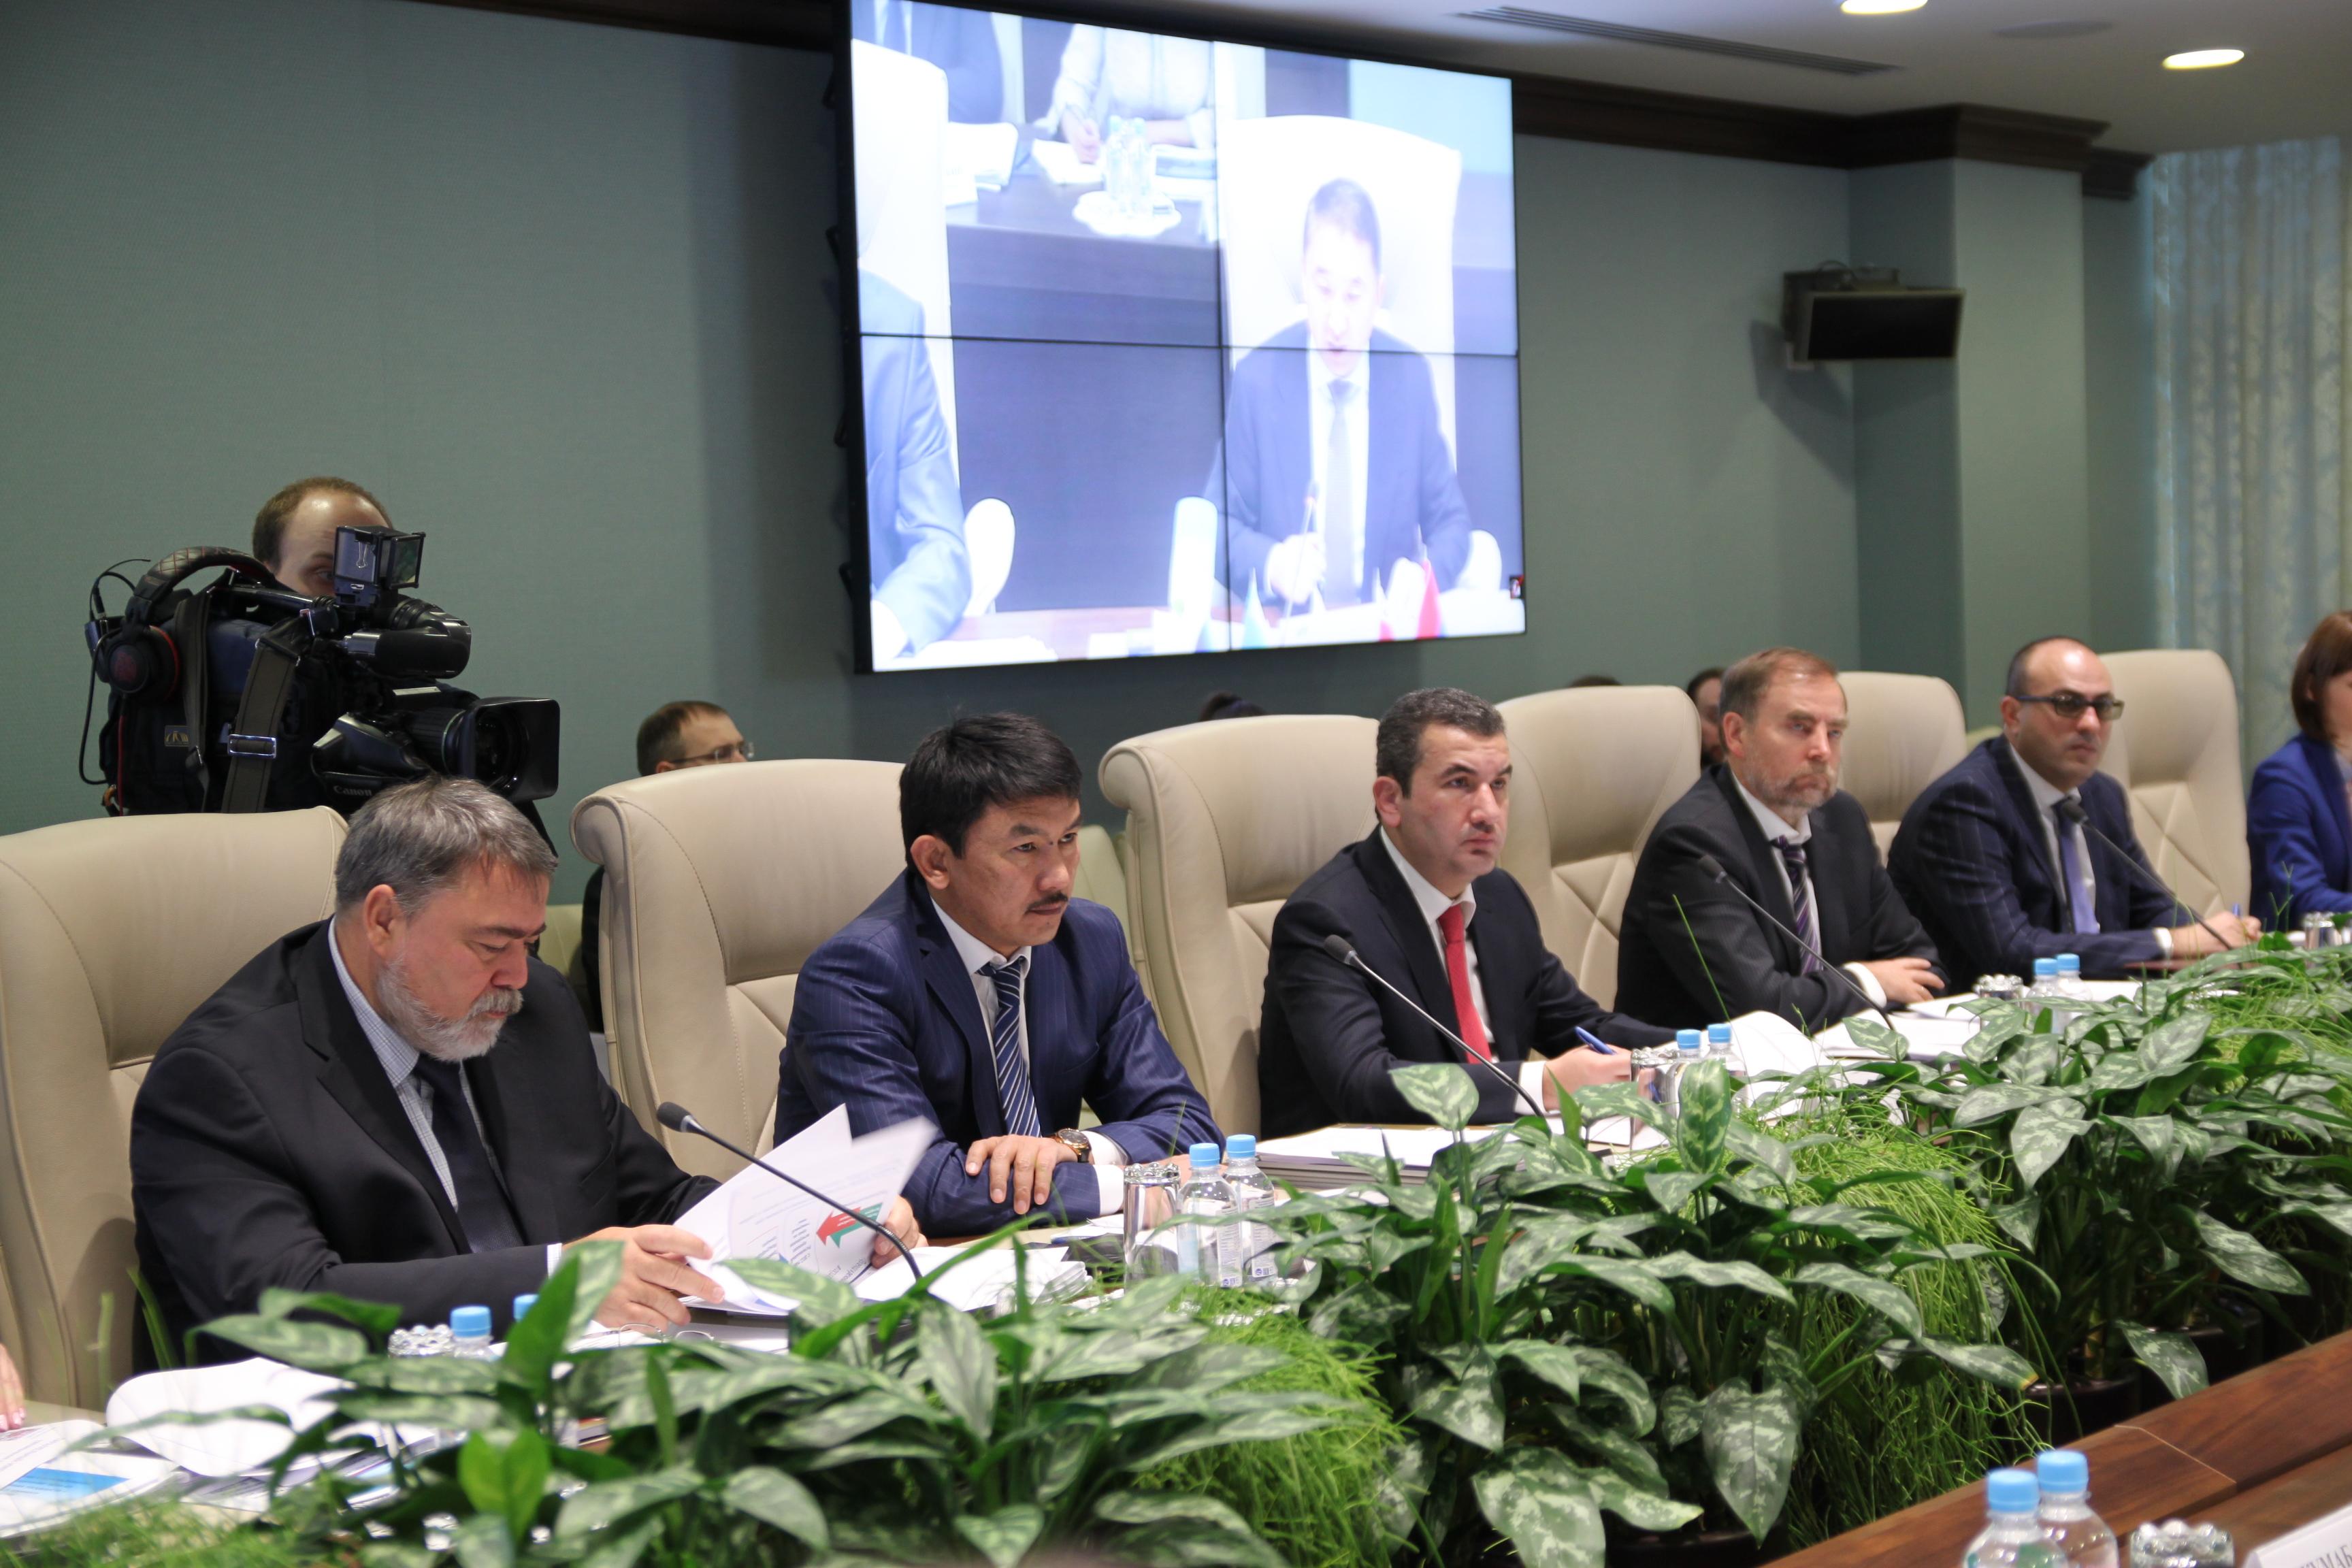 ՏՄՊՊՀ. Արտակ Շաբոյանը Ալմաթիում խոսել է ԵԱՏՄ անդամակցության տեսանելի արդյունքների մասին